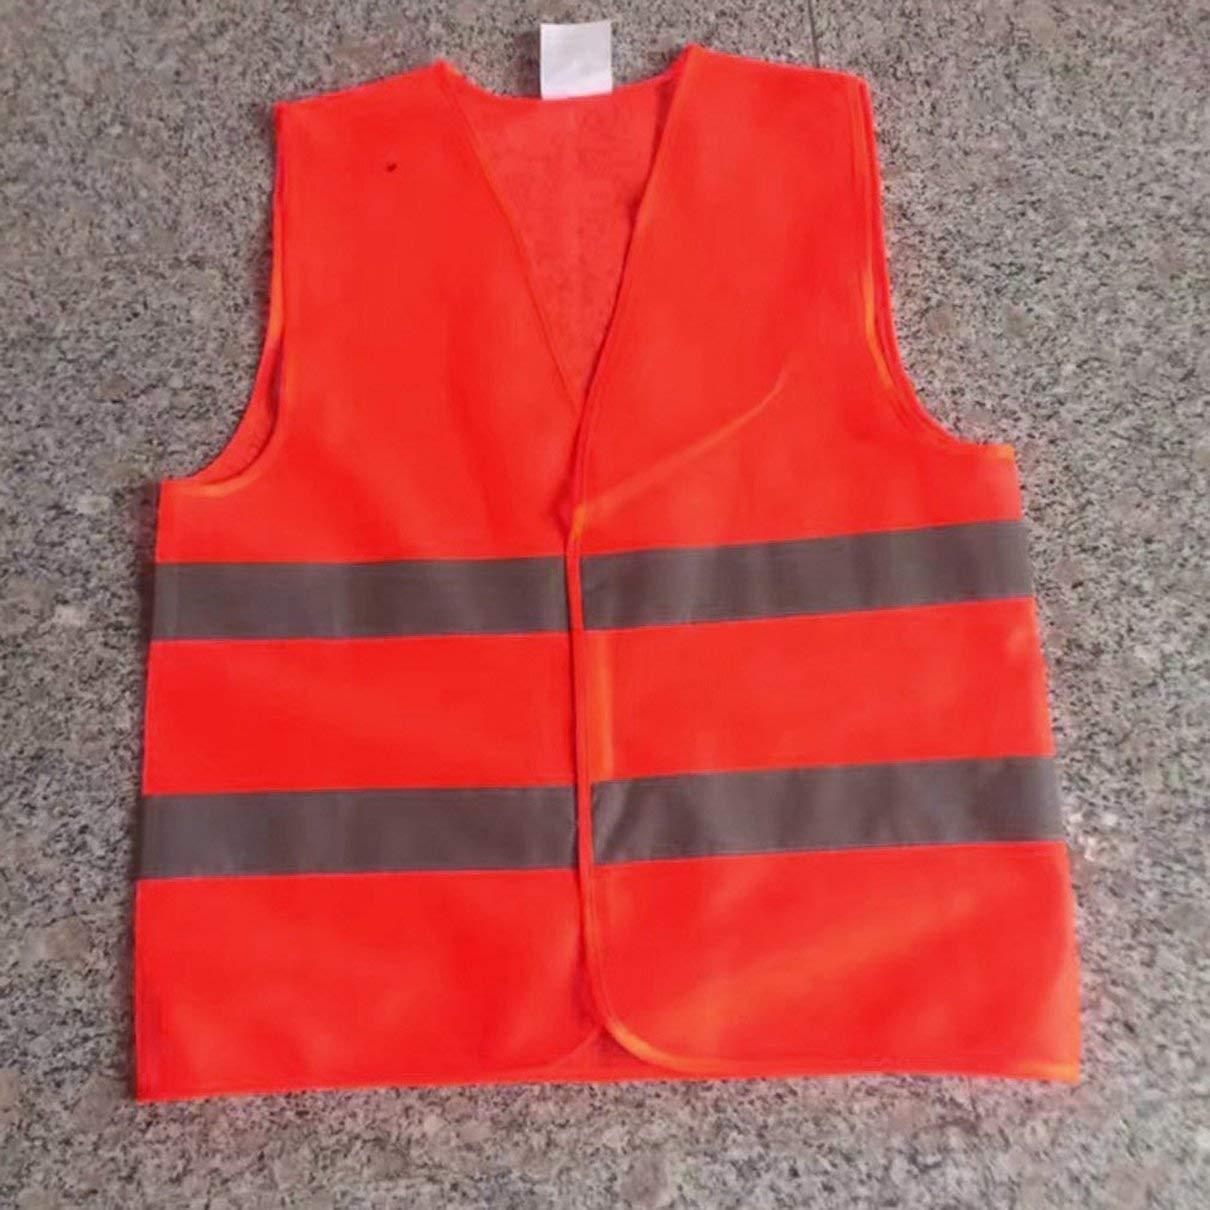 ZMSKJ zhoumaoshunkeji Gilet Protettivo Riflettente per Abbigliamento da Lavoro